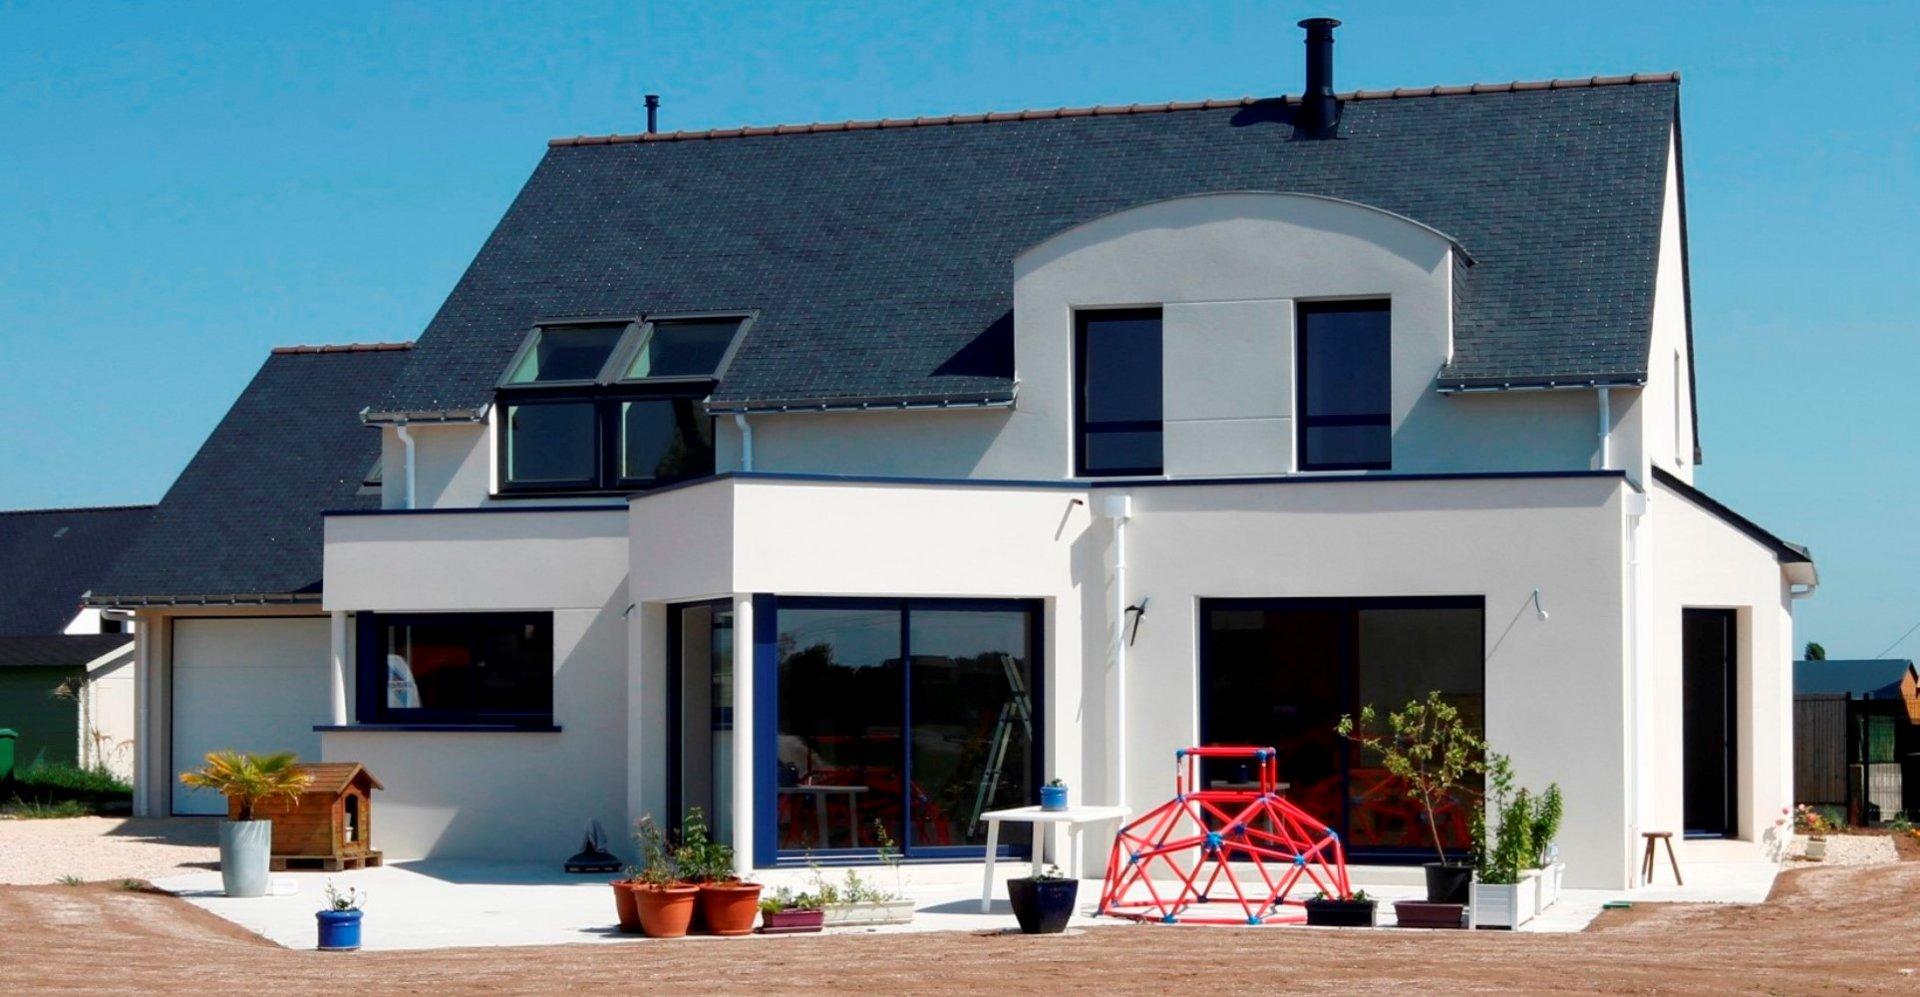 maison moderne bretonne. Black Bedroom Furniture Sets. Home Design Ideas